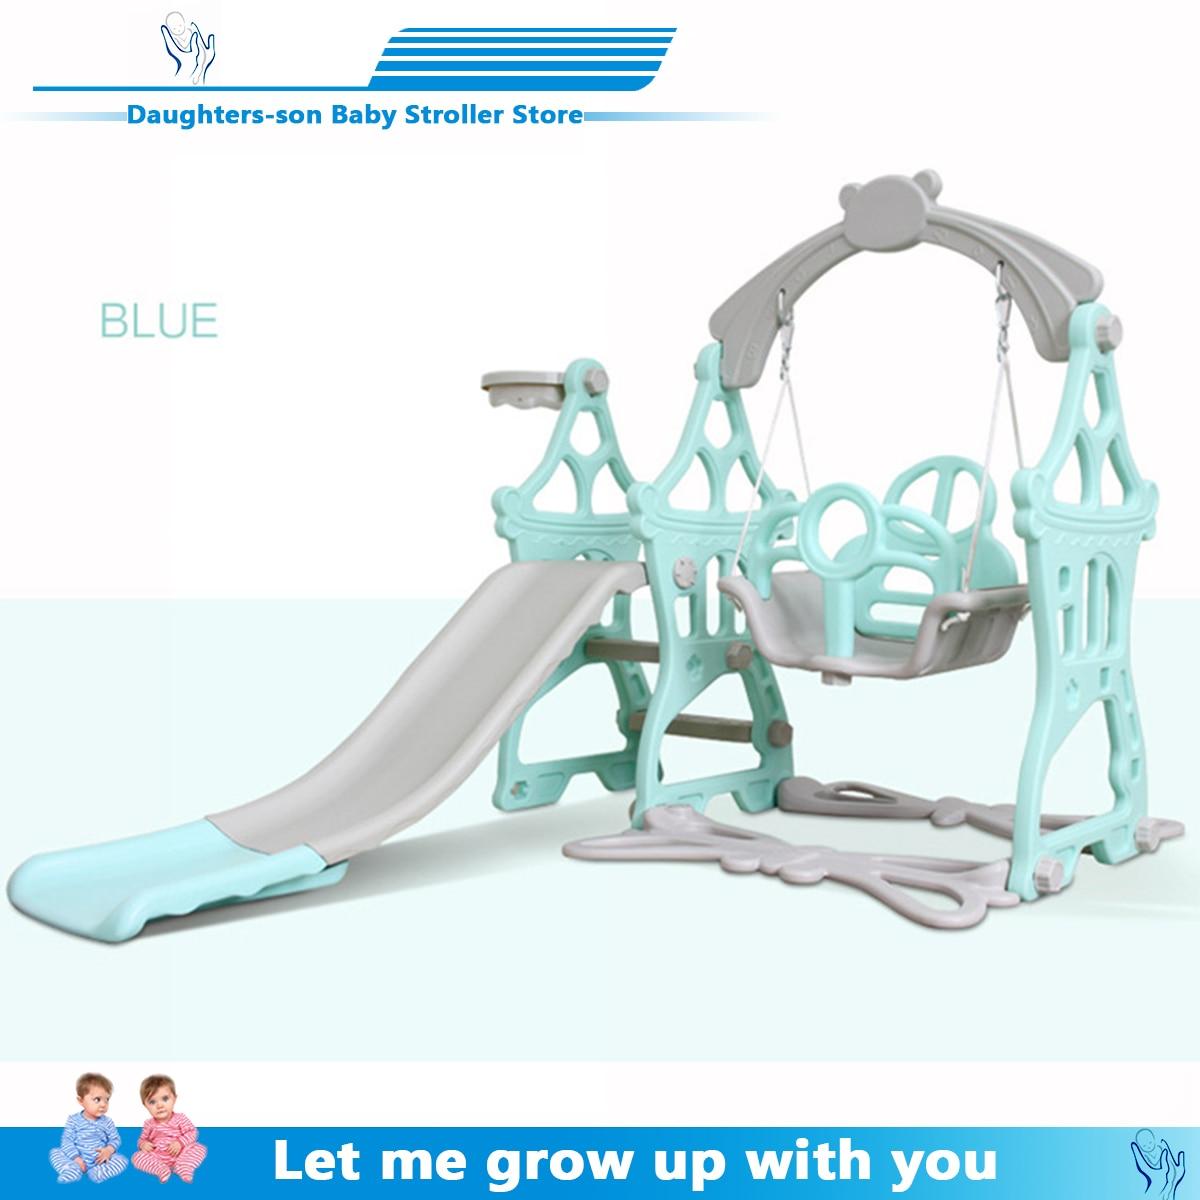 Chaise pivotante 3 en 1 pour bébé | Jeu de diapositives en plastique, basket-ball, histoire, pour la maison, jeux d'enfants, jouet d'intérieur et de famille, jardin d'enfants